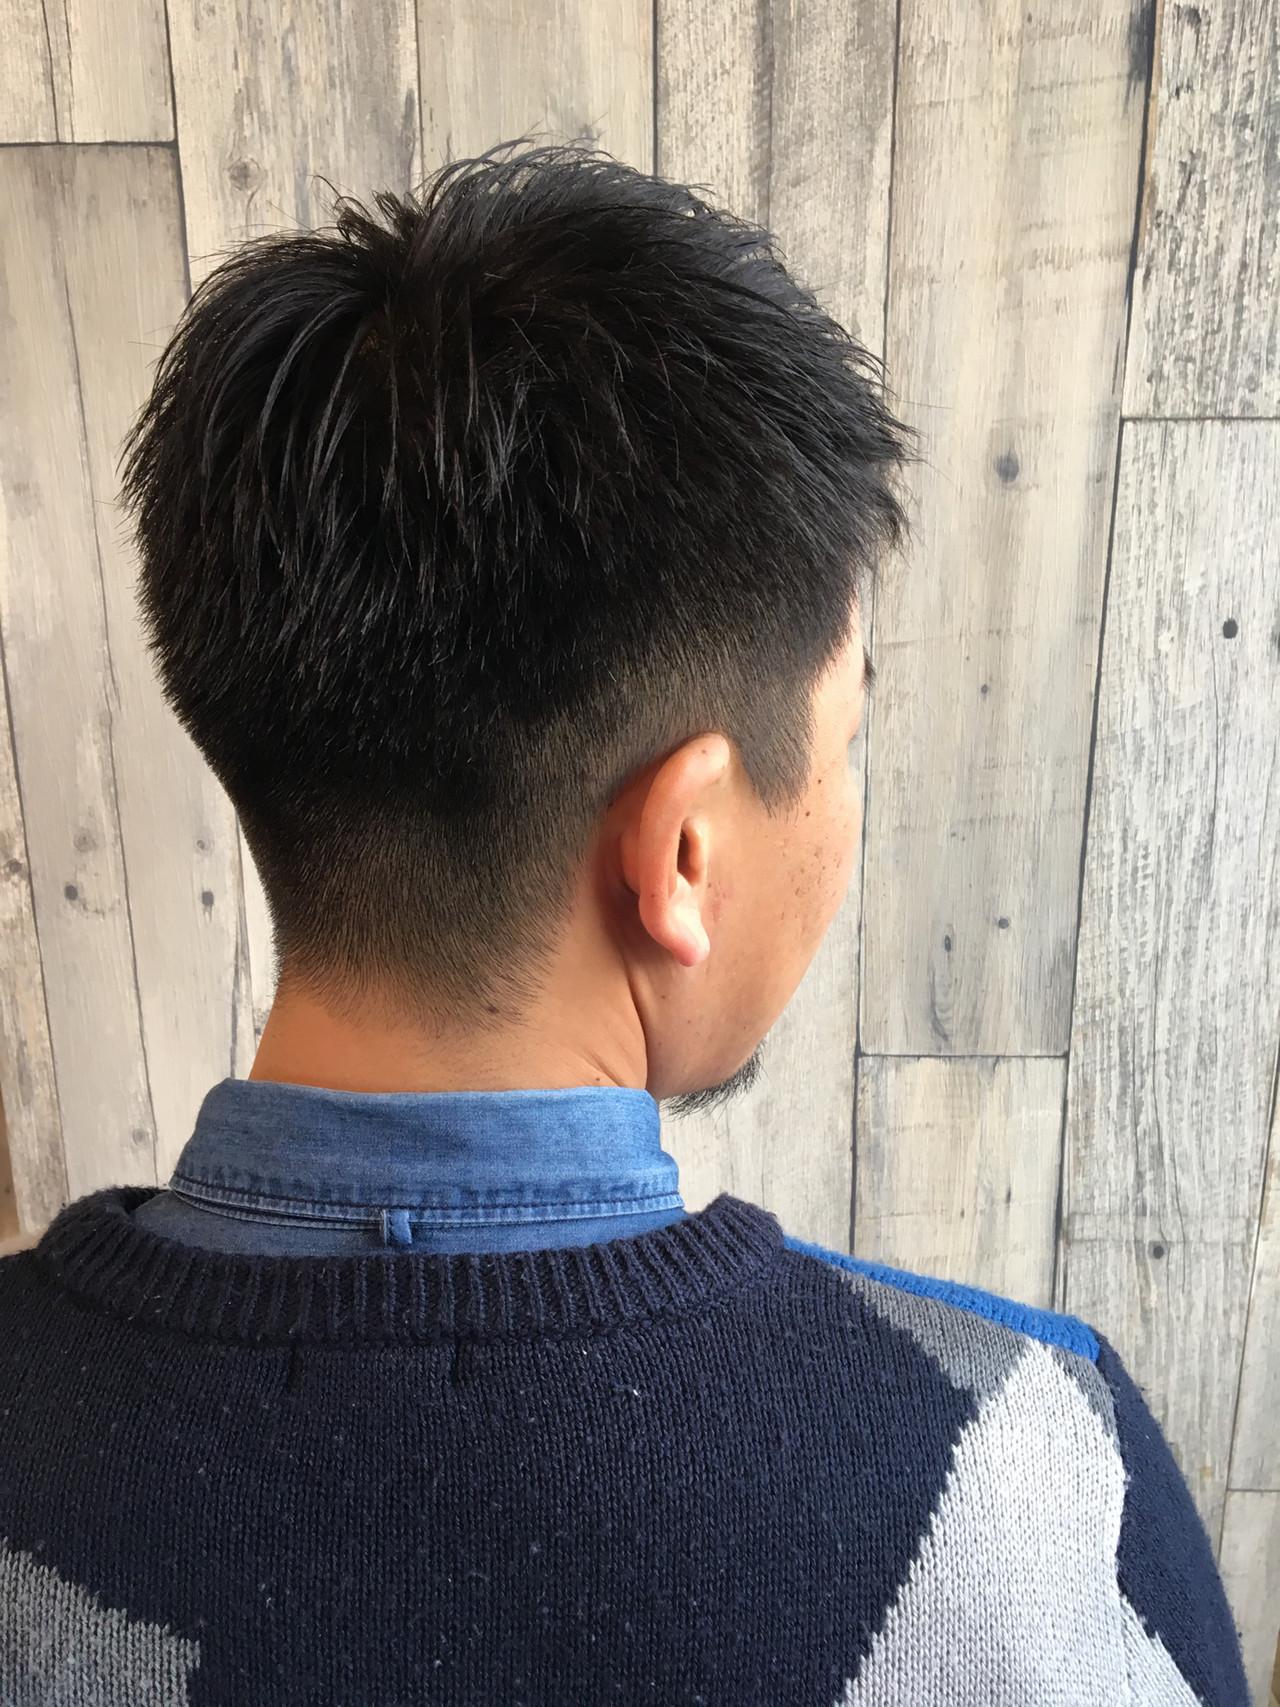 メンズヘア フェードカット ショート 刈り上げショート ヘアスタイルや髪型の写真・画像